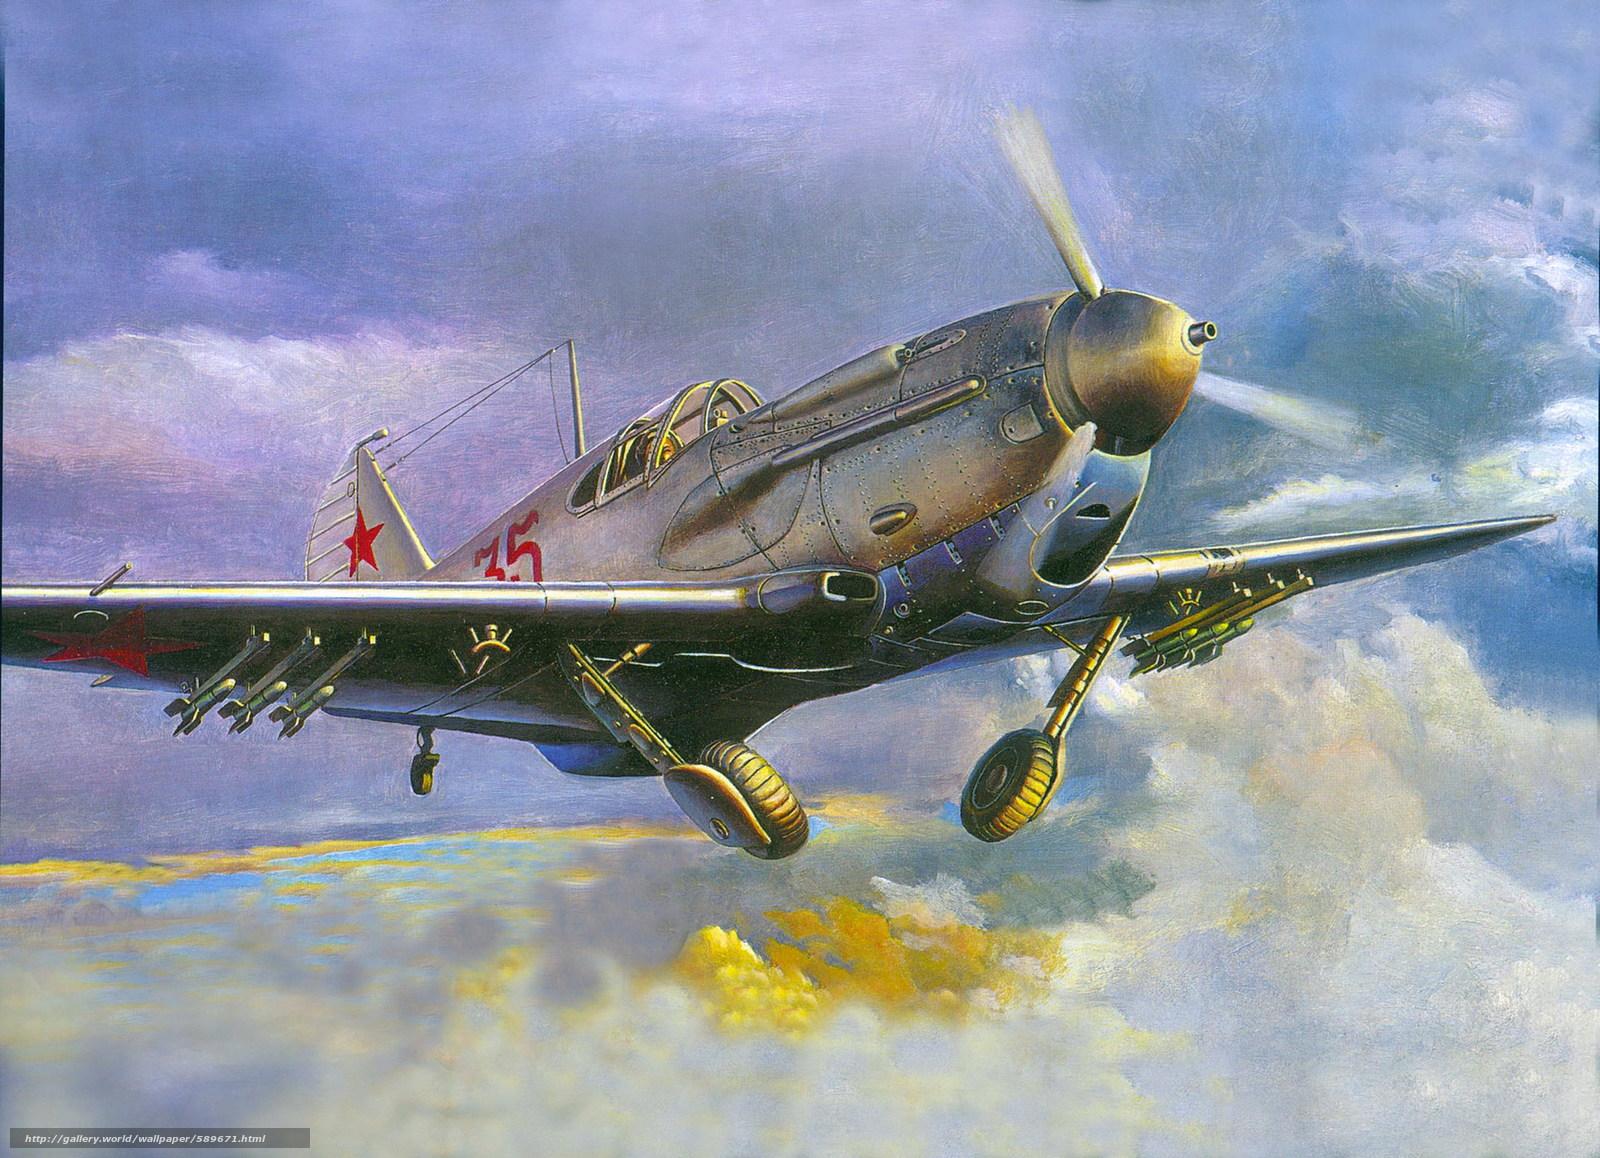 Скачать обои арт,  Самолет,  СССР,  ЛаГГ-3 бесплатно для рабочего стола в разрешении 2876x2082 — картинка №589671